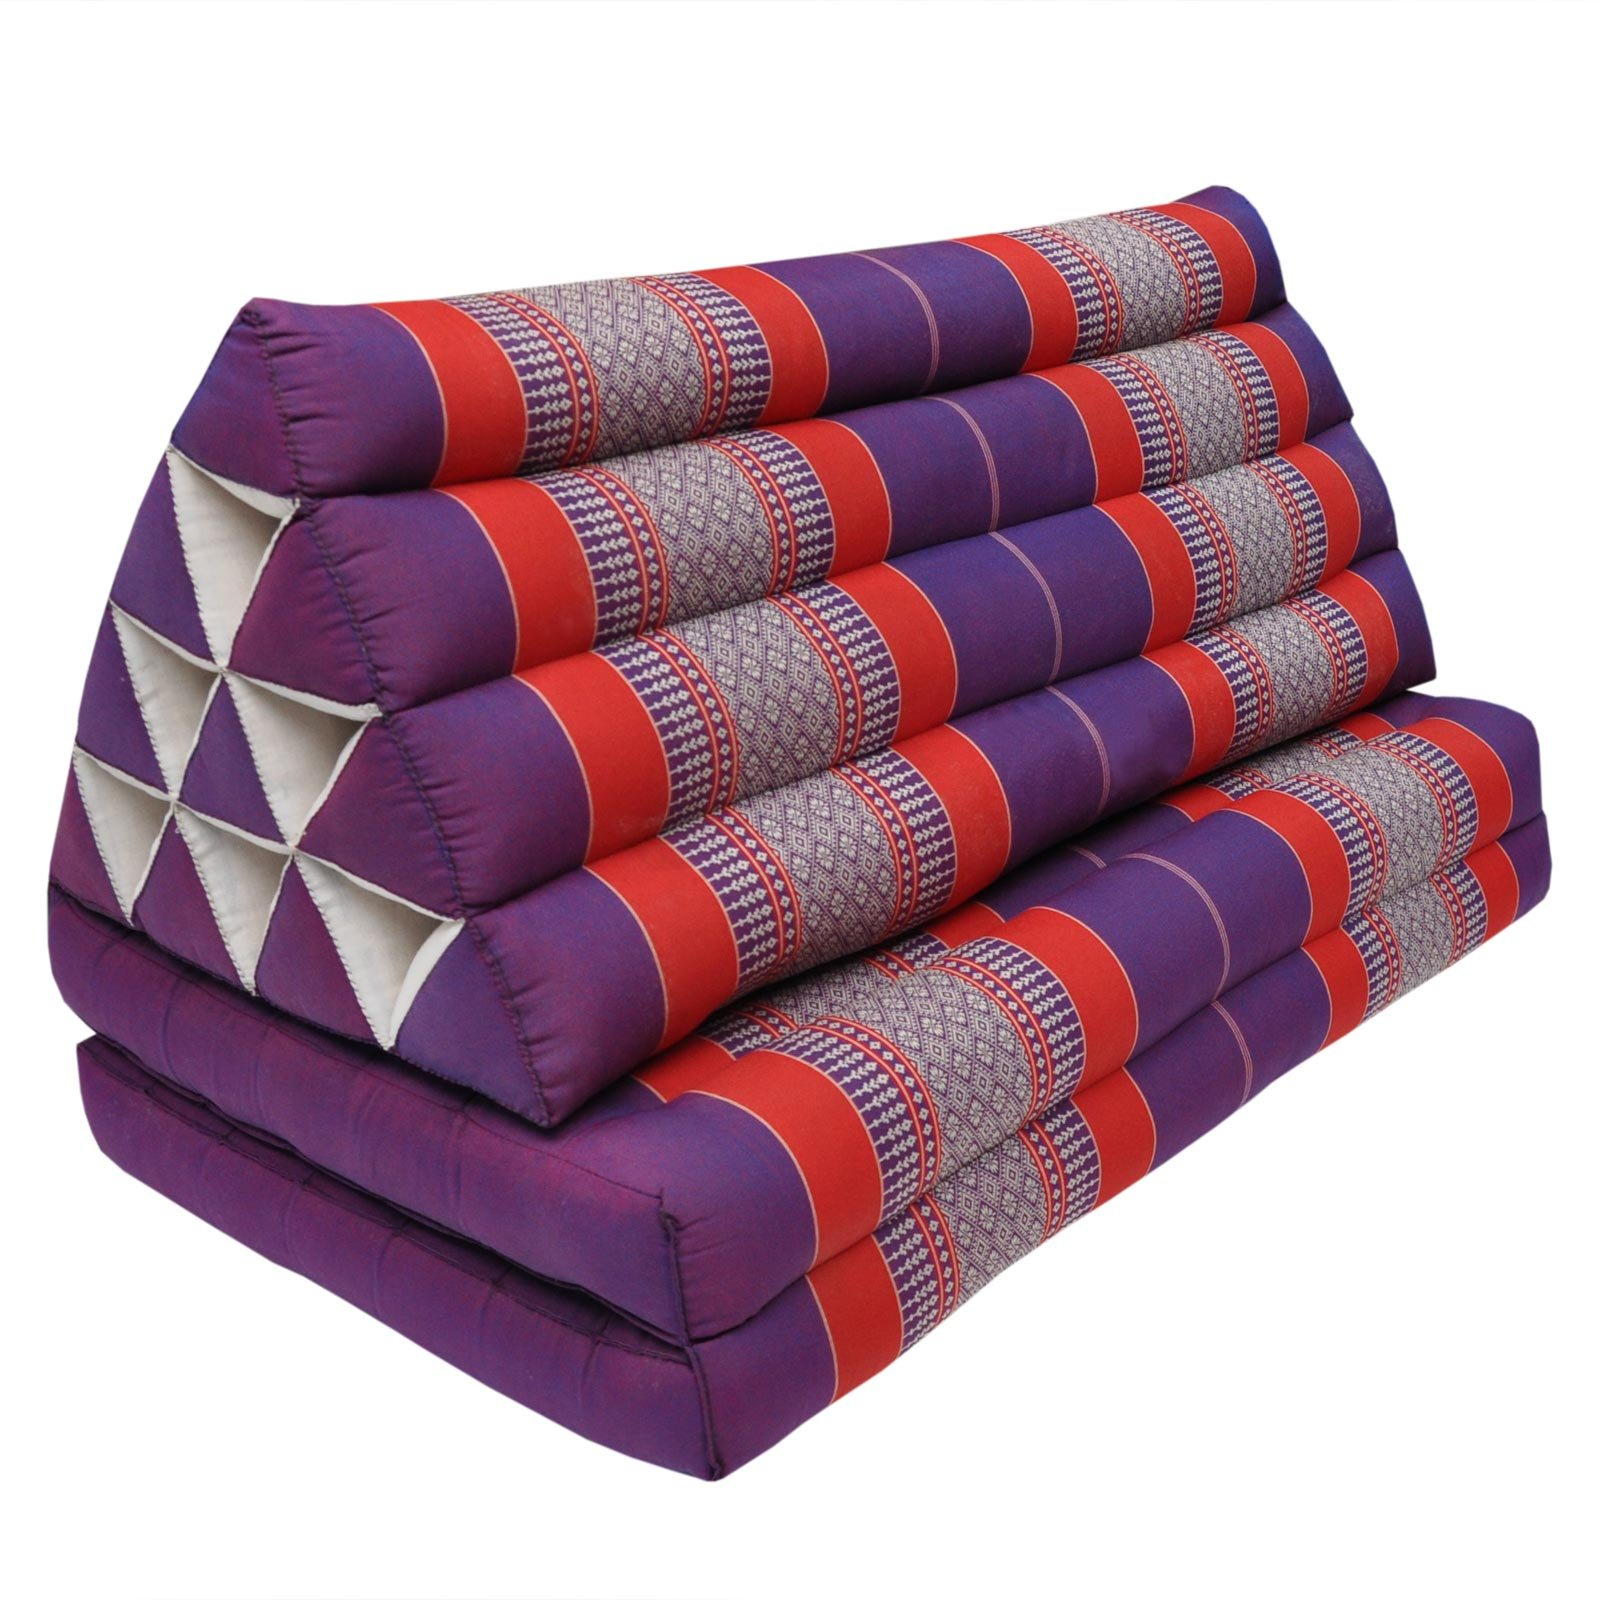 Coussin Thailandais triangle XXL avec assise 2 plis, détente, matelas, kapok, fauteuil, canapé, jardin, plage Violet/Rouge (81517) by Wilai GmbH